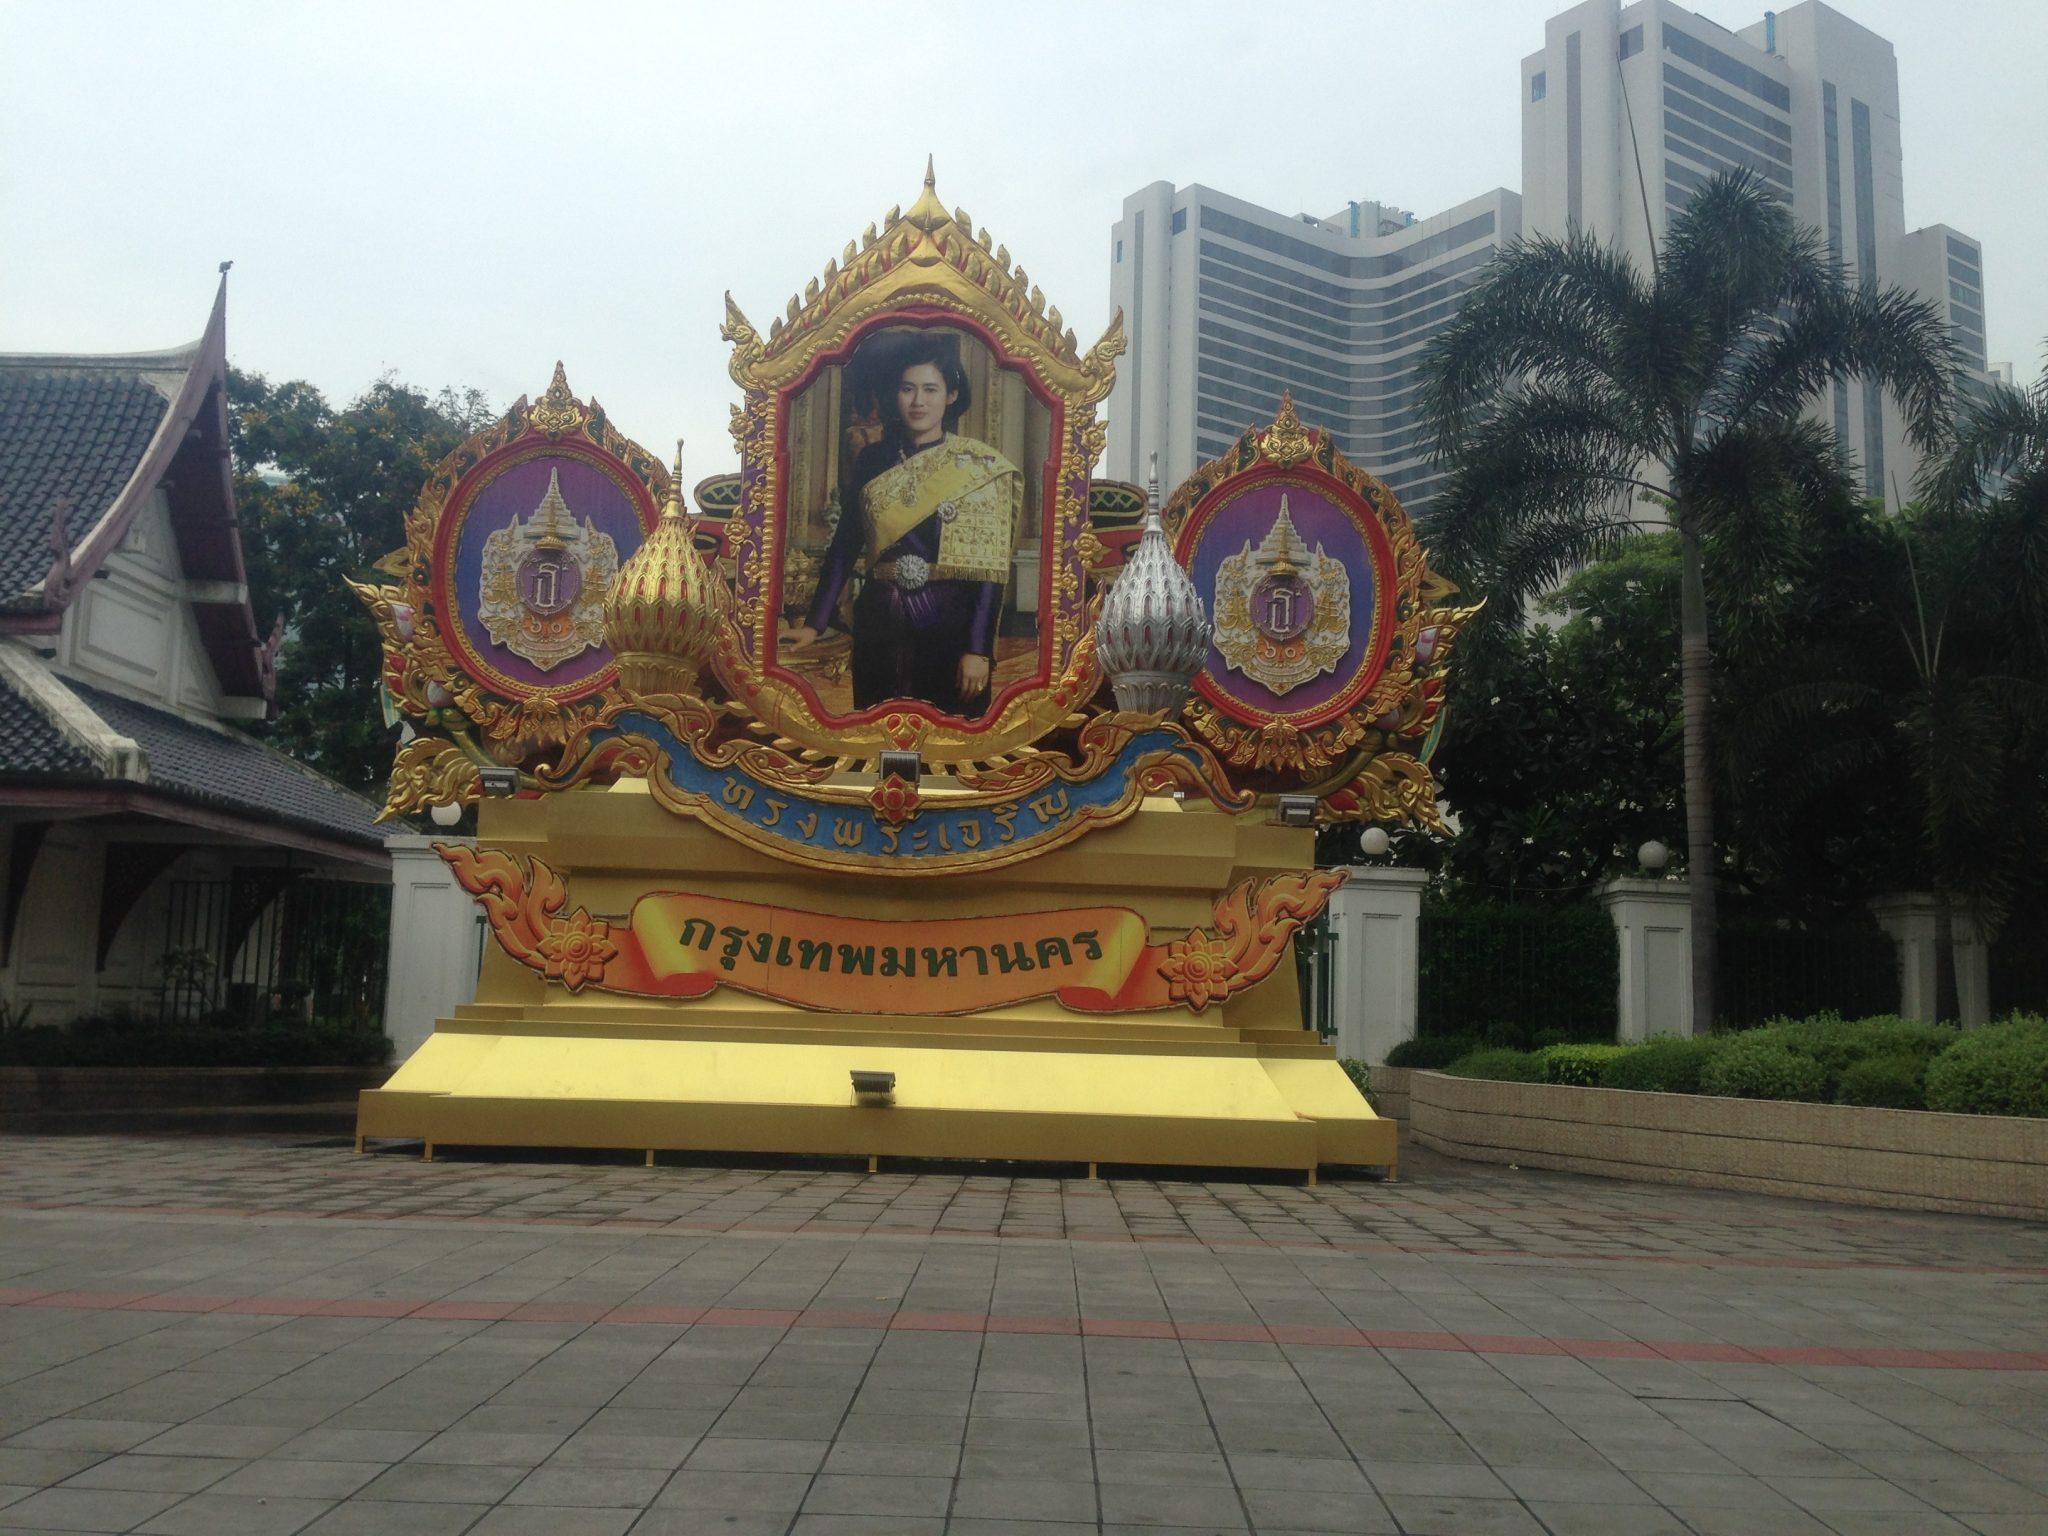 Thailändische Königsfamilie, in ganz Thailand stehen überdimensionale Bilder offen auf der Straße ohne Security herum